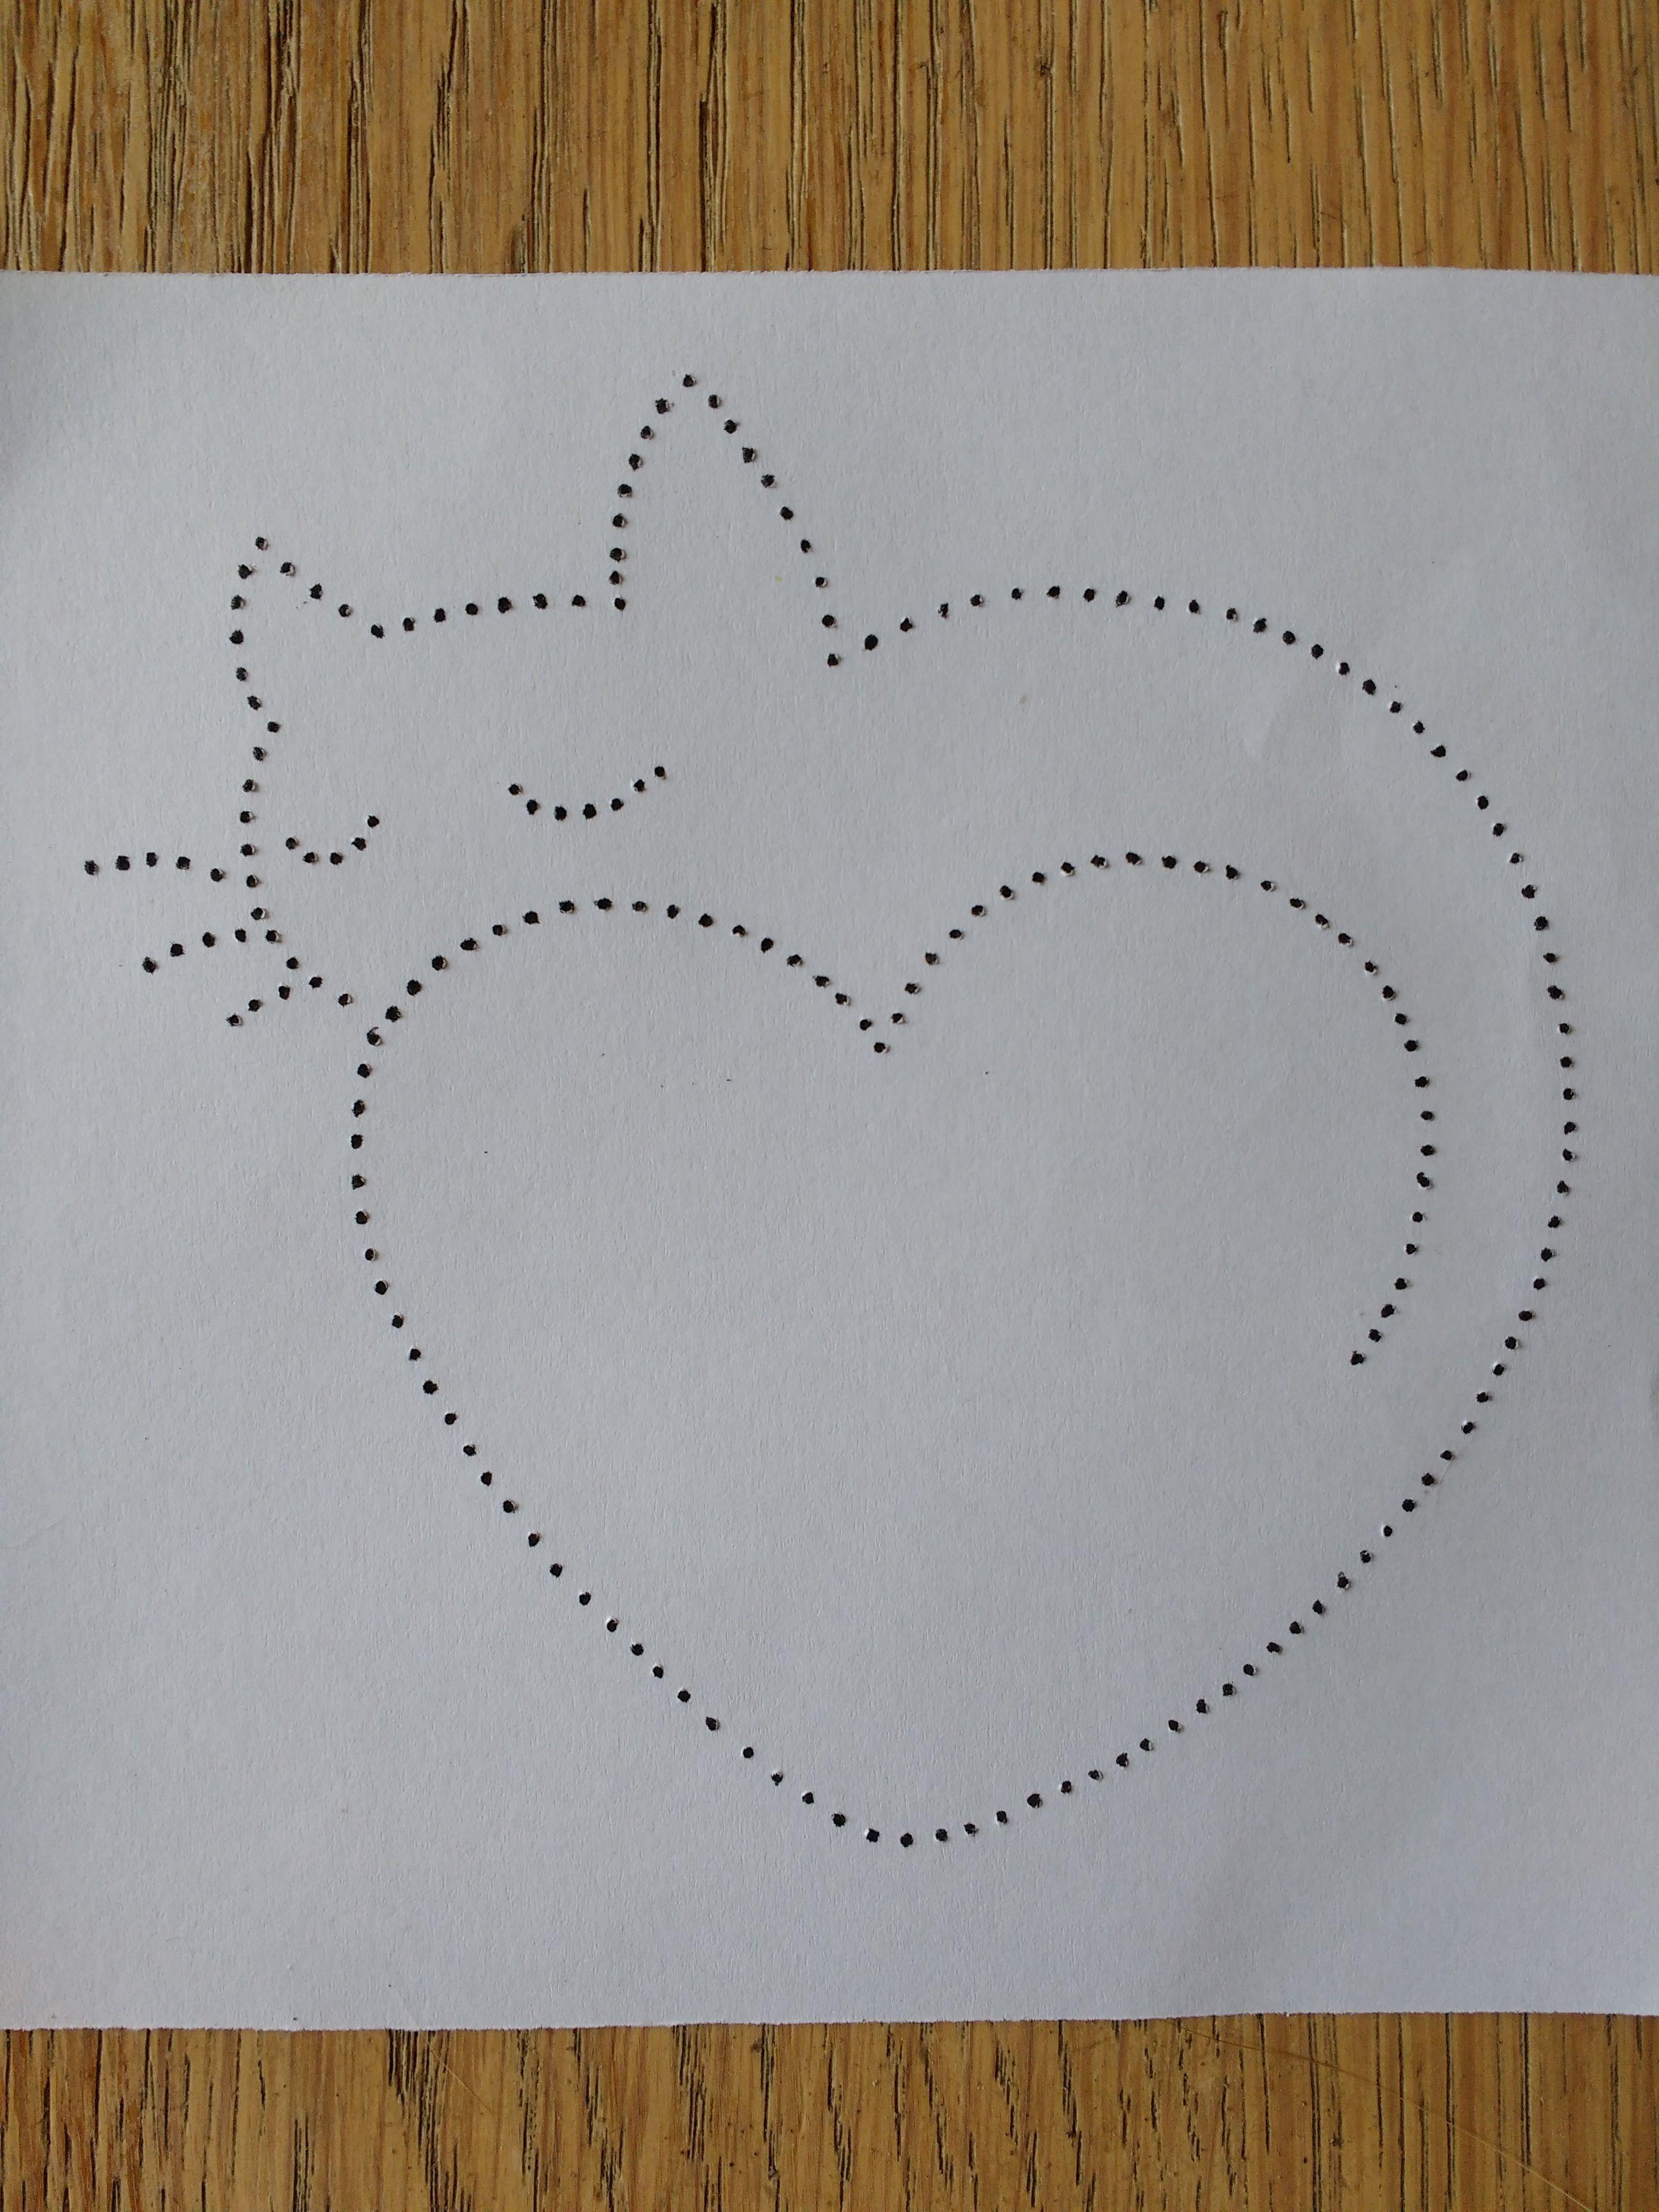 Kattenhart Arte De Barbante E Prego Quadro De Prego E Linha